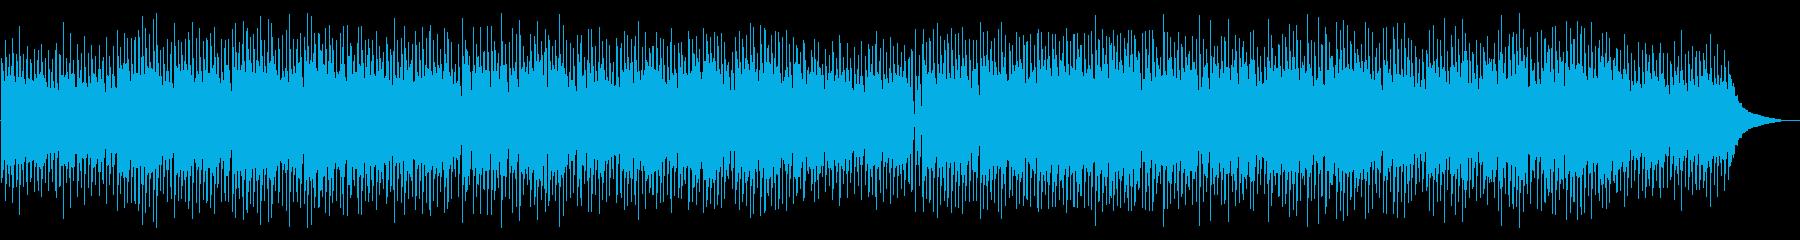 アップテンポなアコースティックポップの再生済みの波形